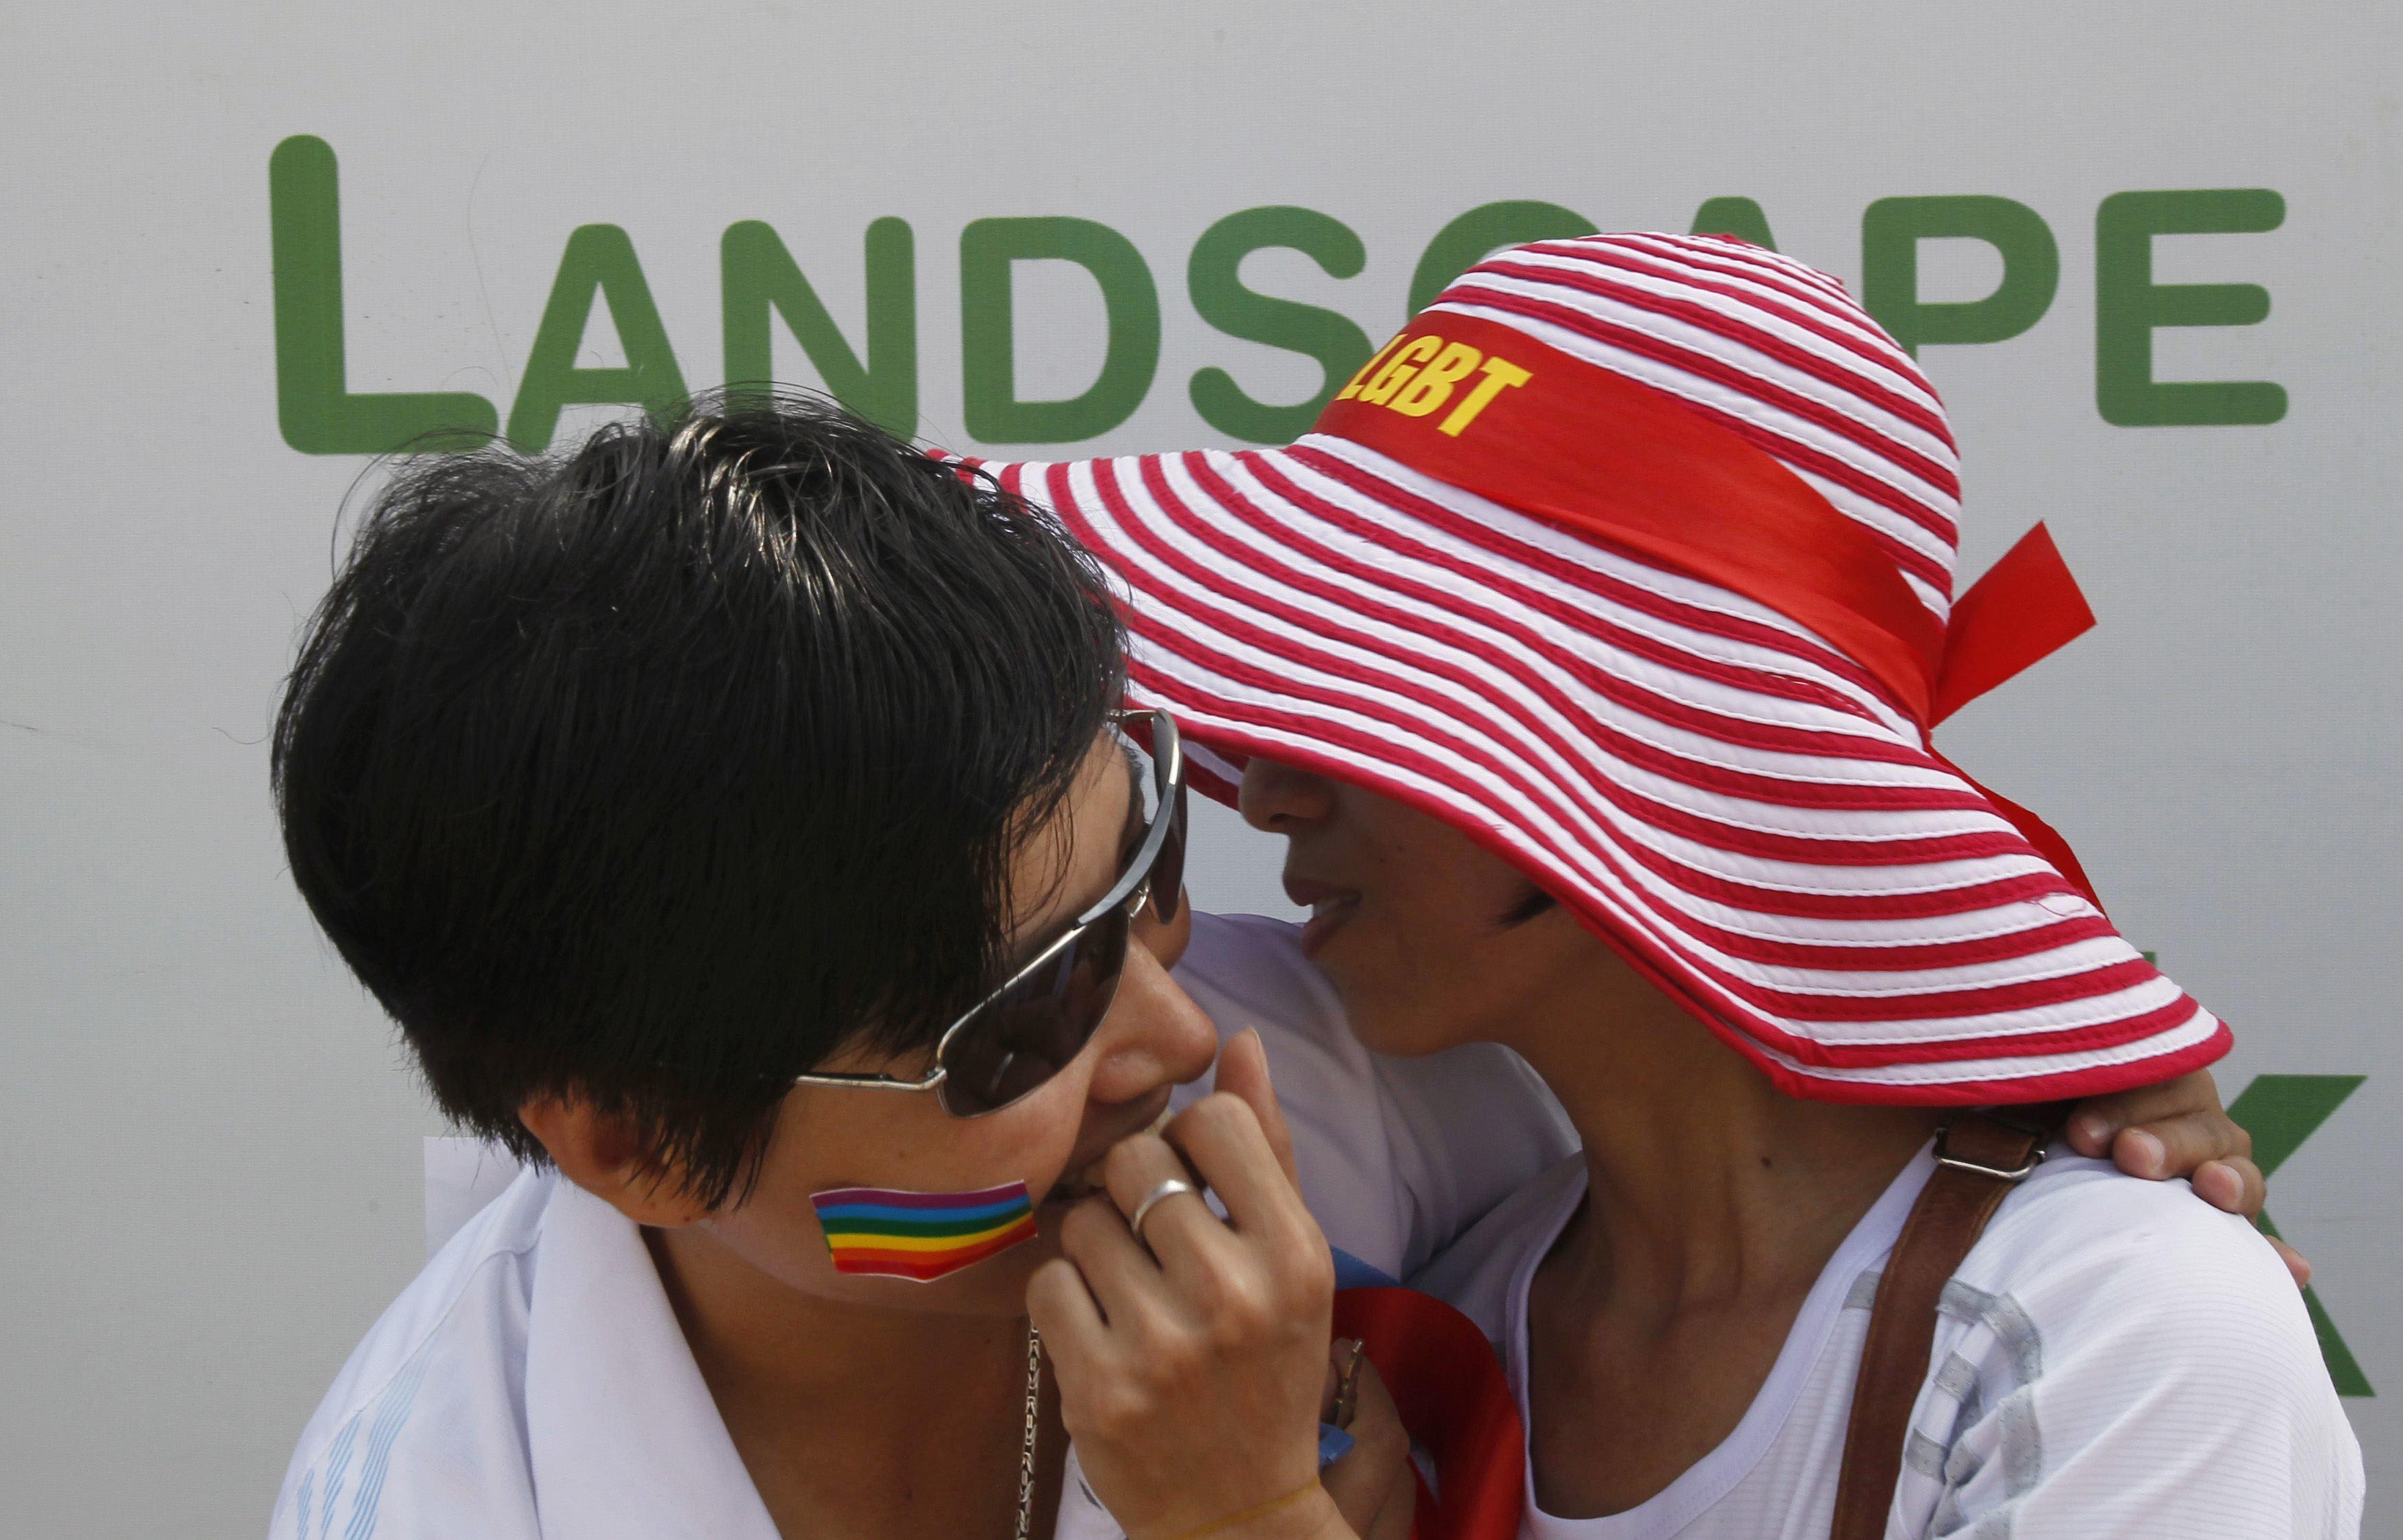 Ιστορική απόφαση στην Ιαπωνία: Νόμιμοι οι γάμοι ομοφυλοφίλων